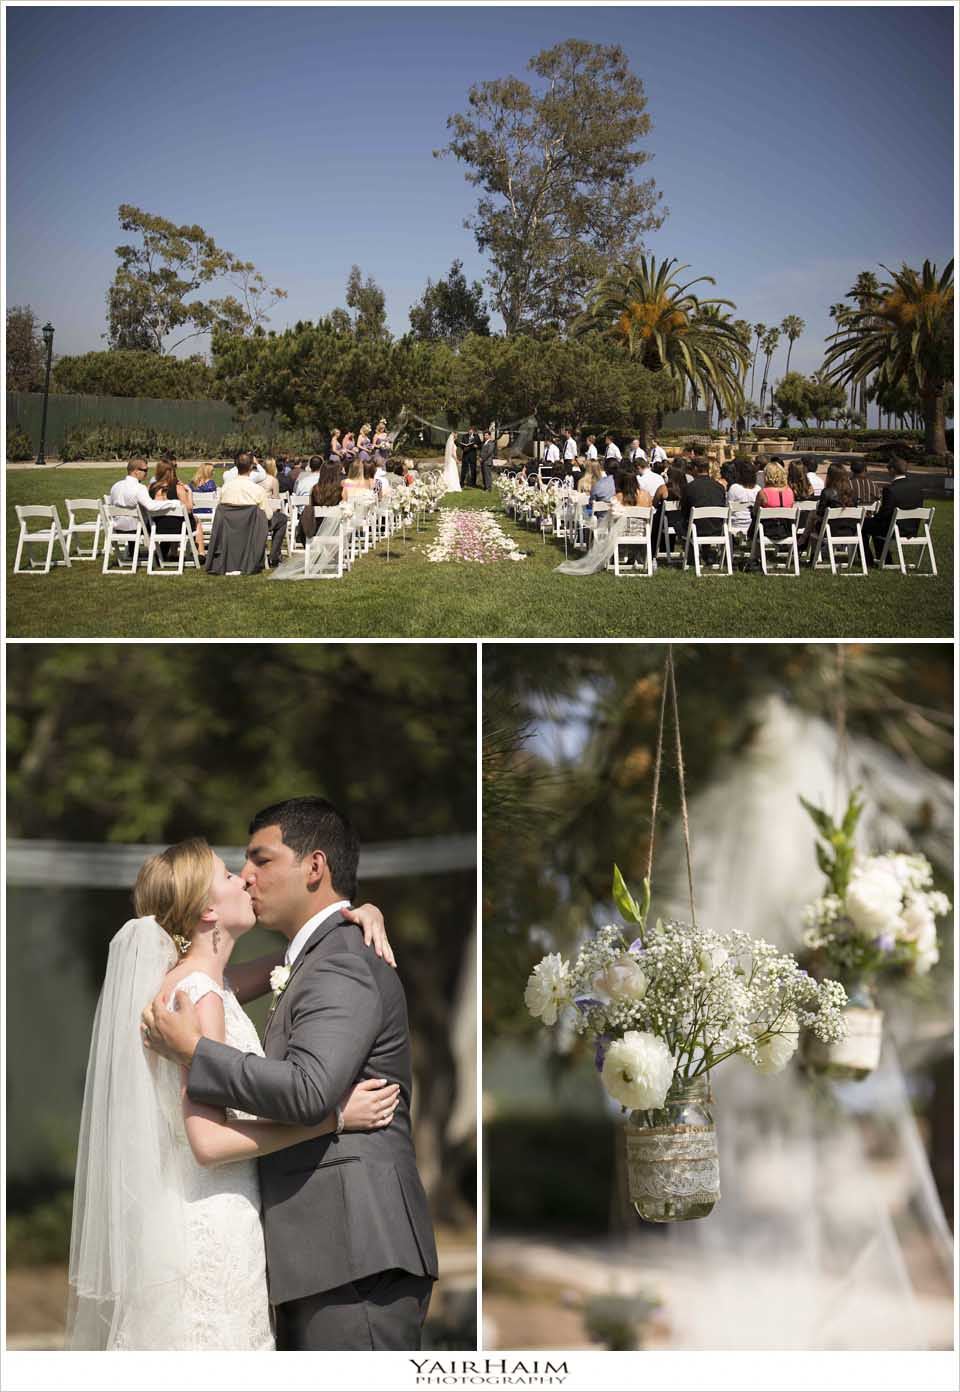 Santa-Barbara-wedding-photos-Yair-Haim-Photography-14